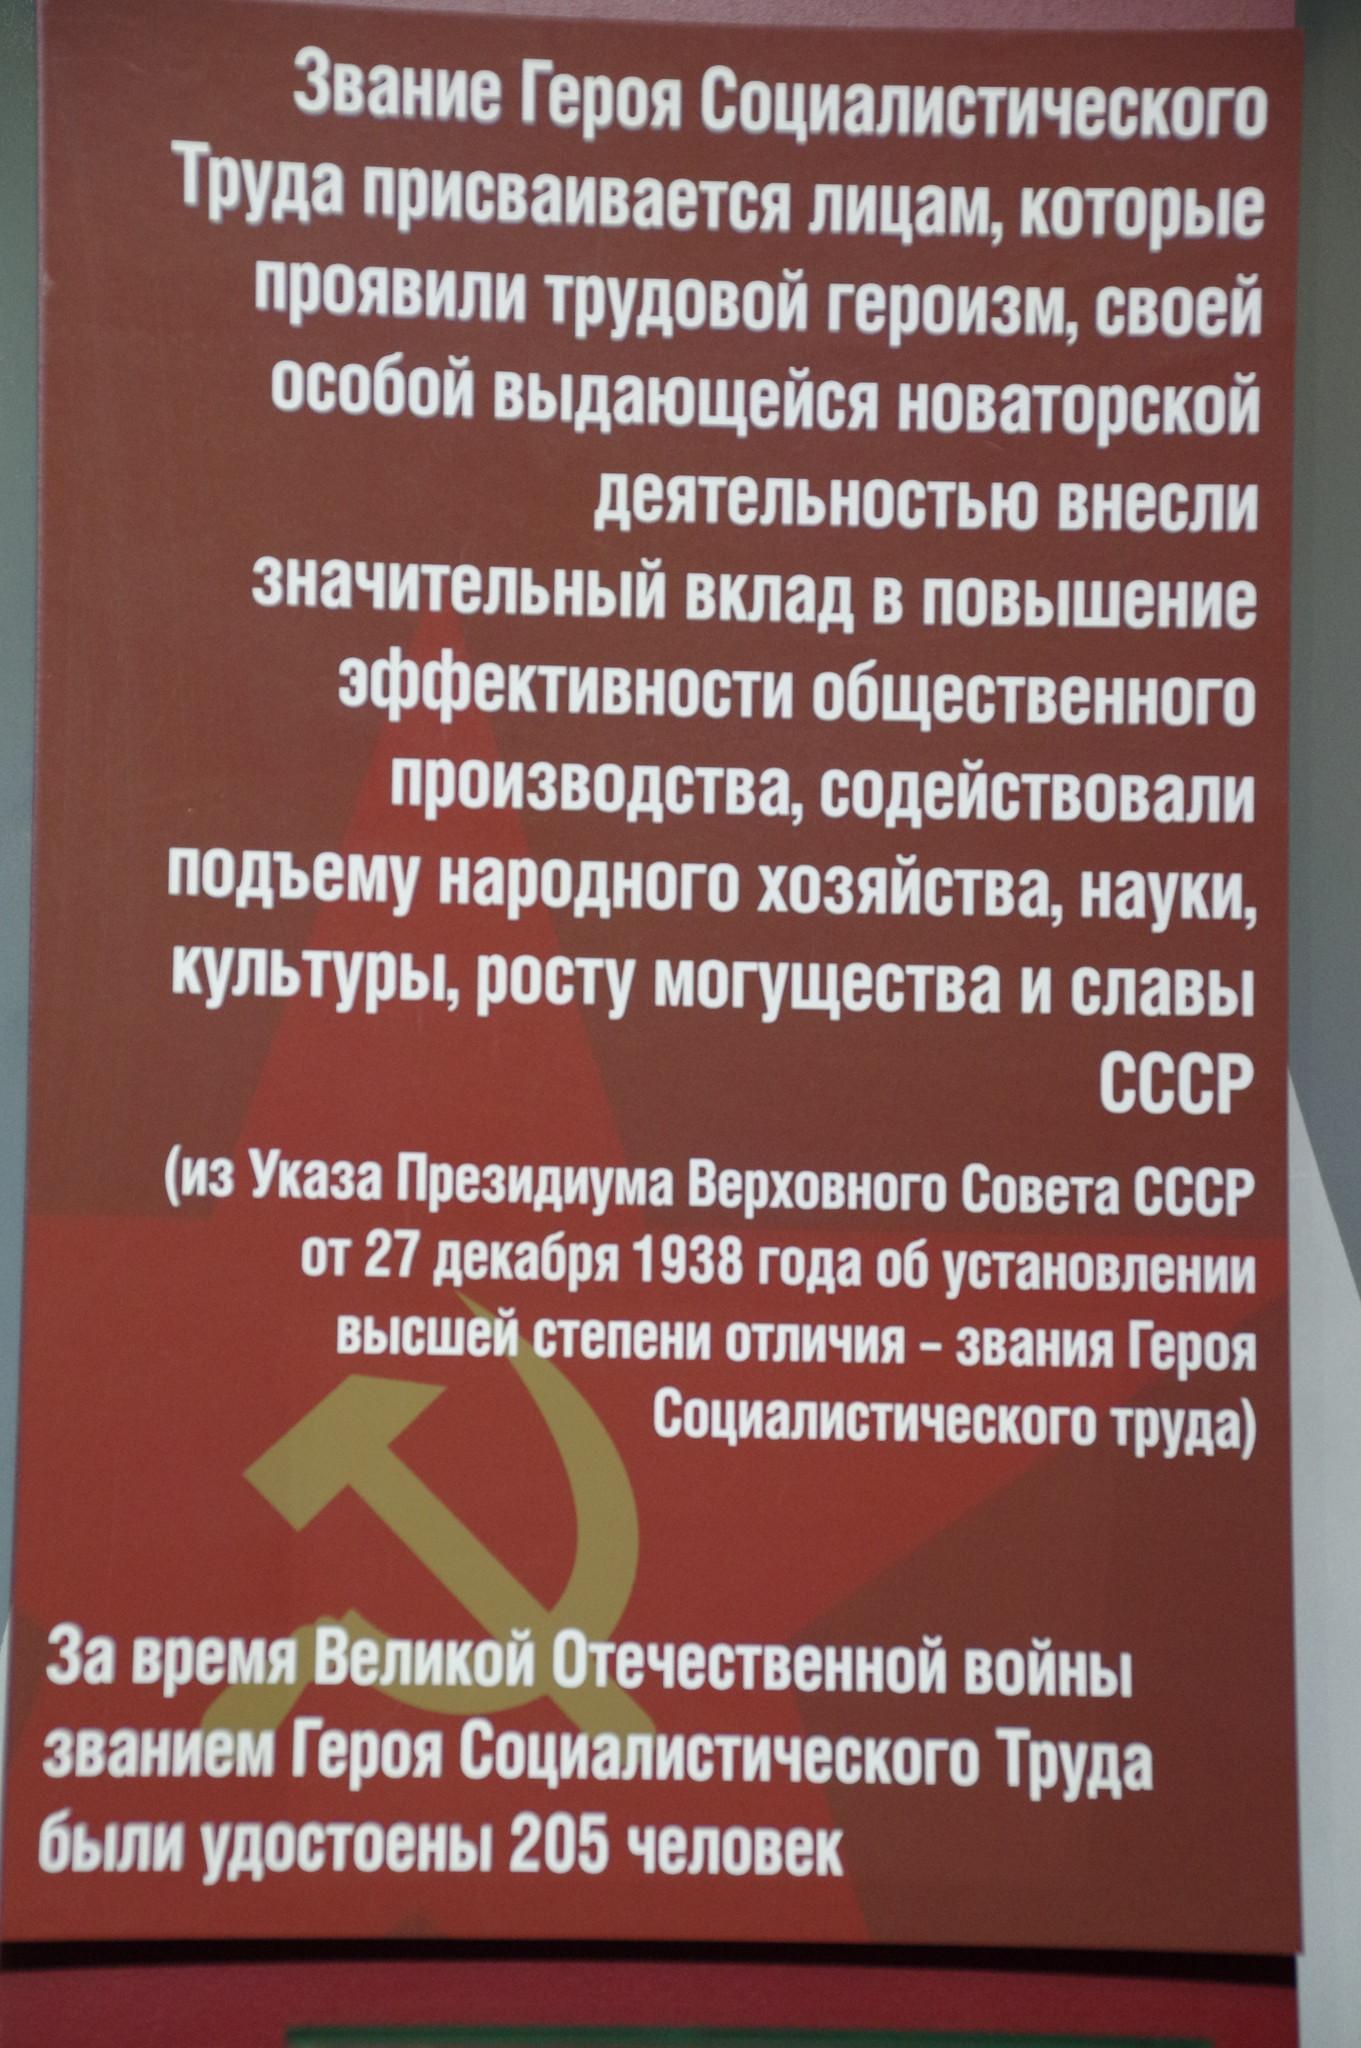 Стенд в экспозиции Центрального музея Великой Отечественной войны 1941-1945 гг.